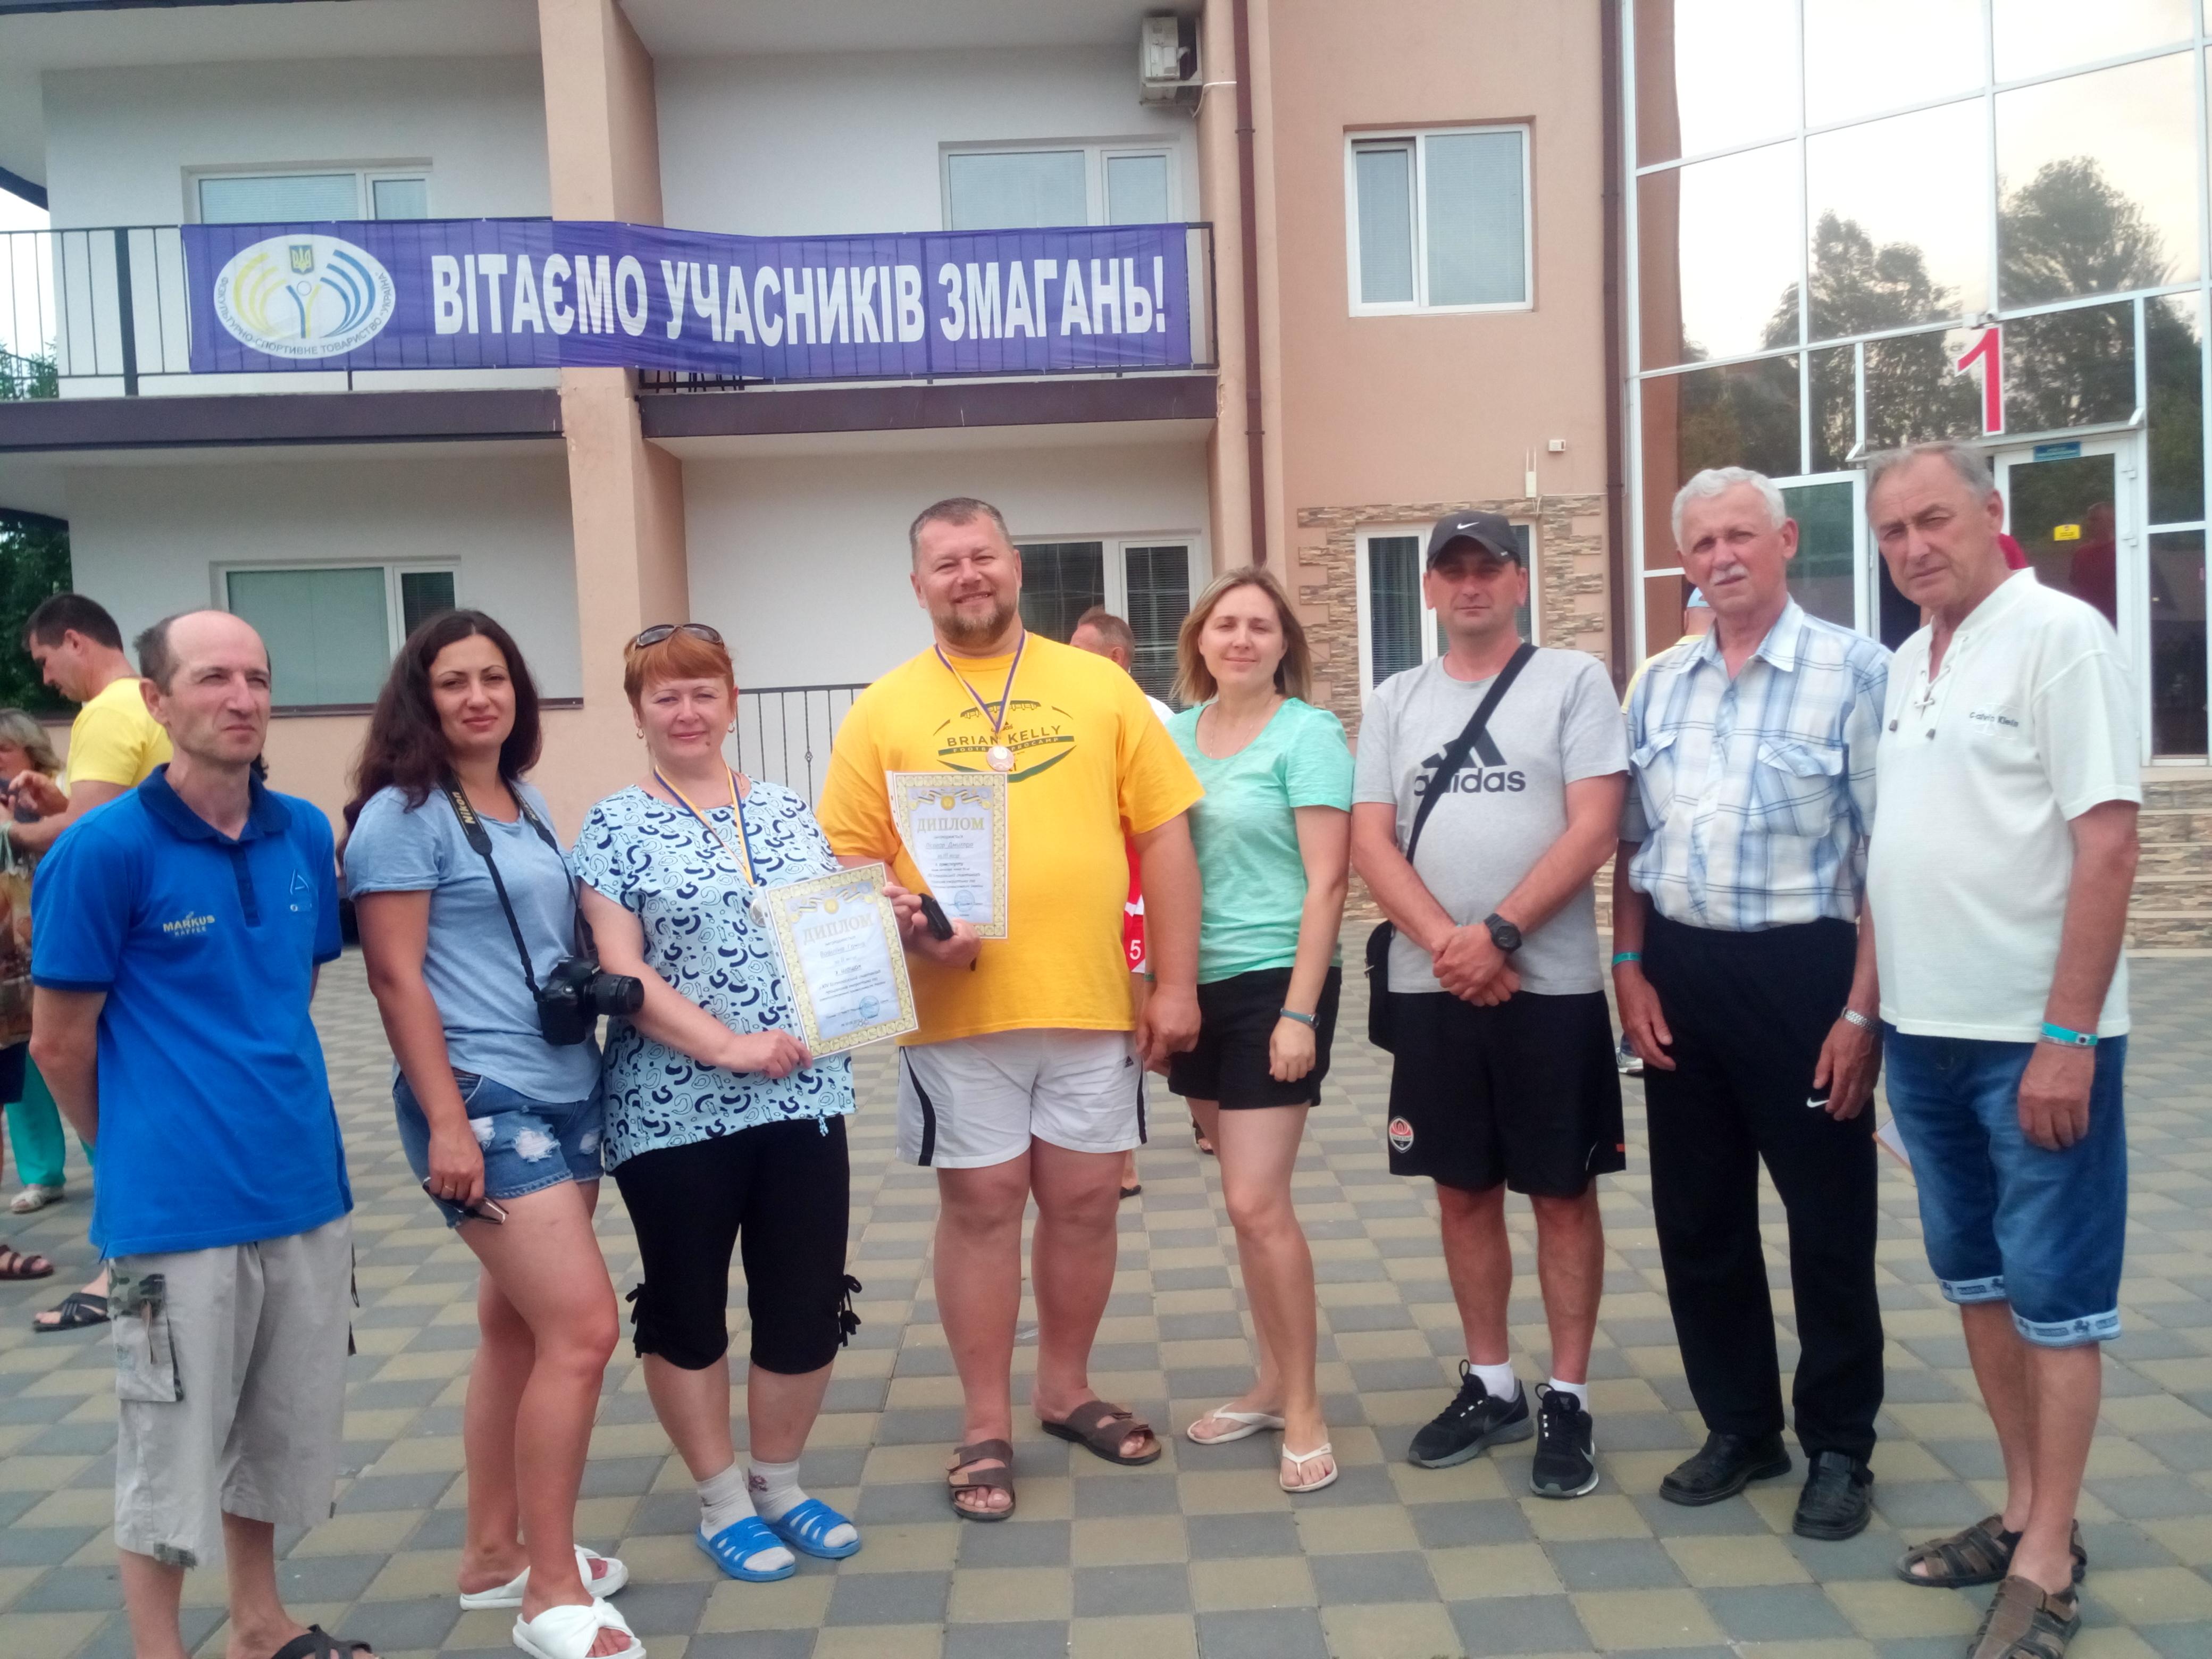 ХIV Всеукраинская спартакиада работников энергетики и электротехнической промышленности Украины